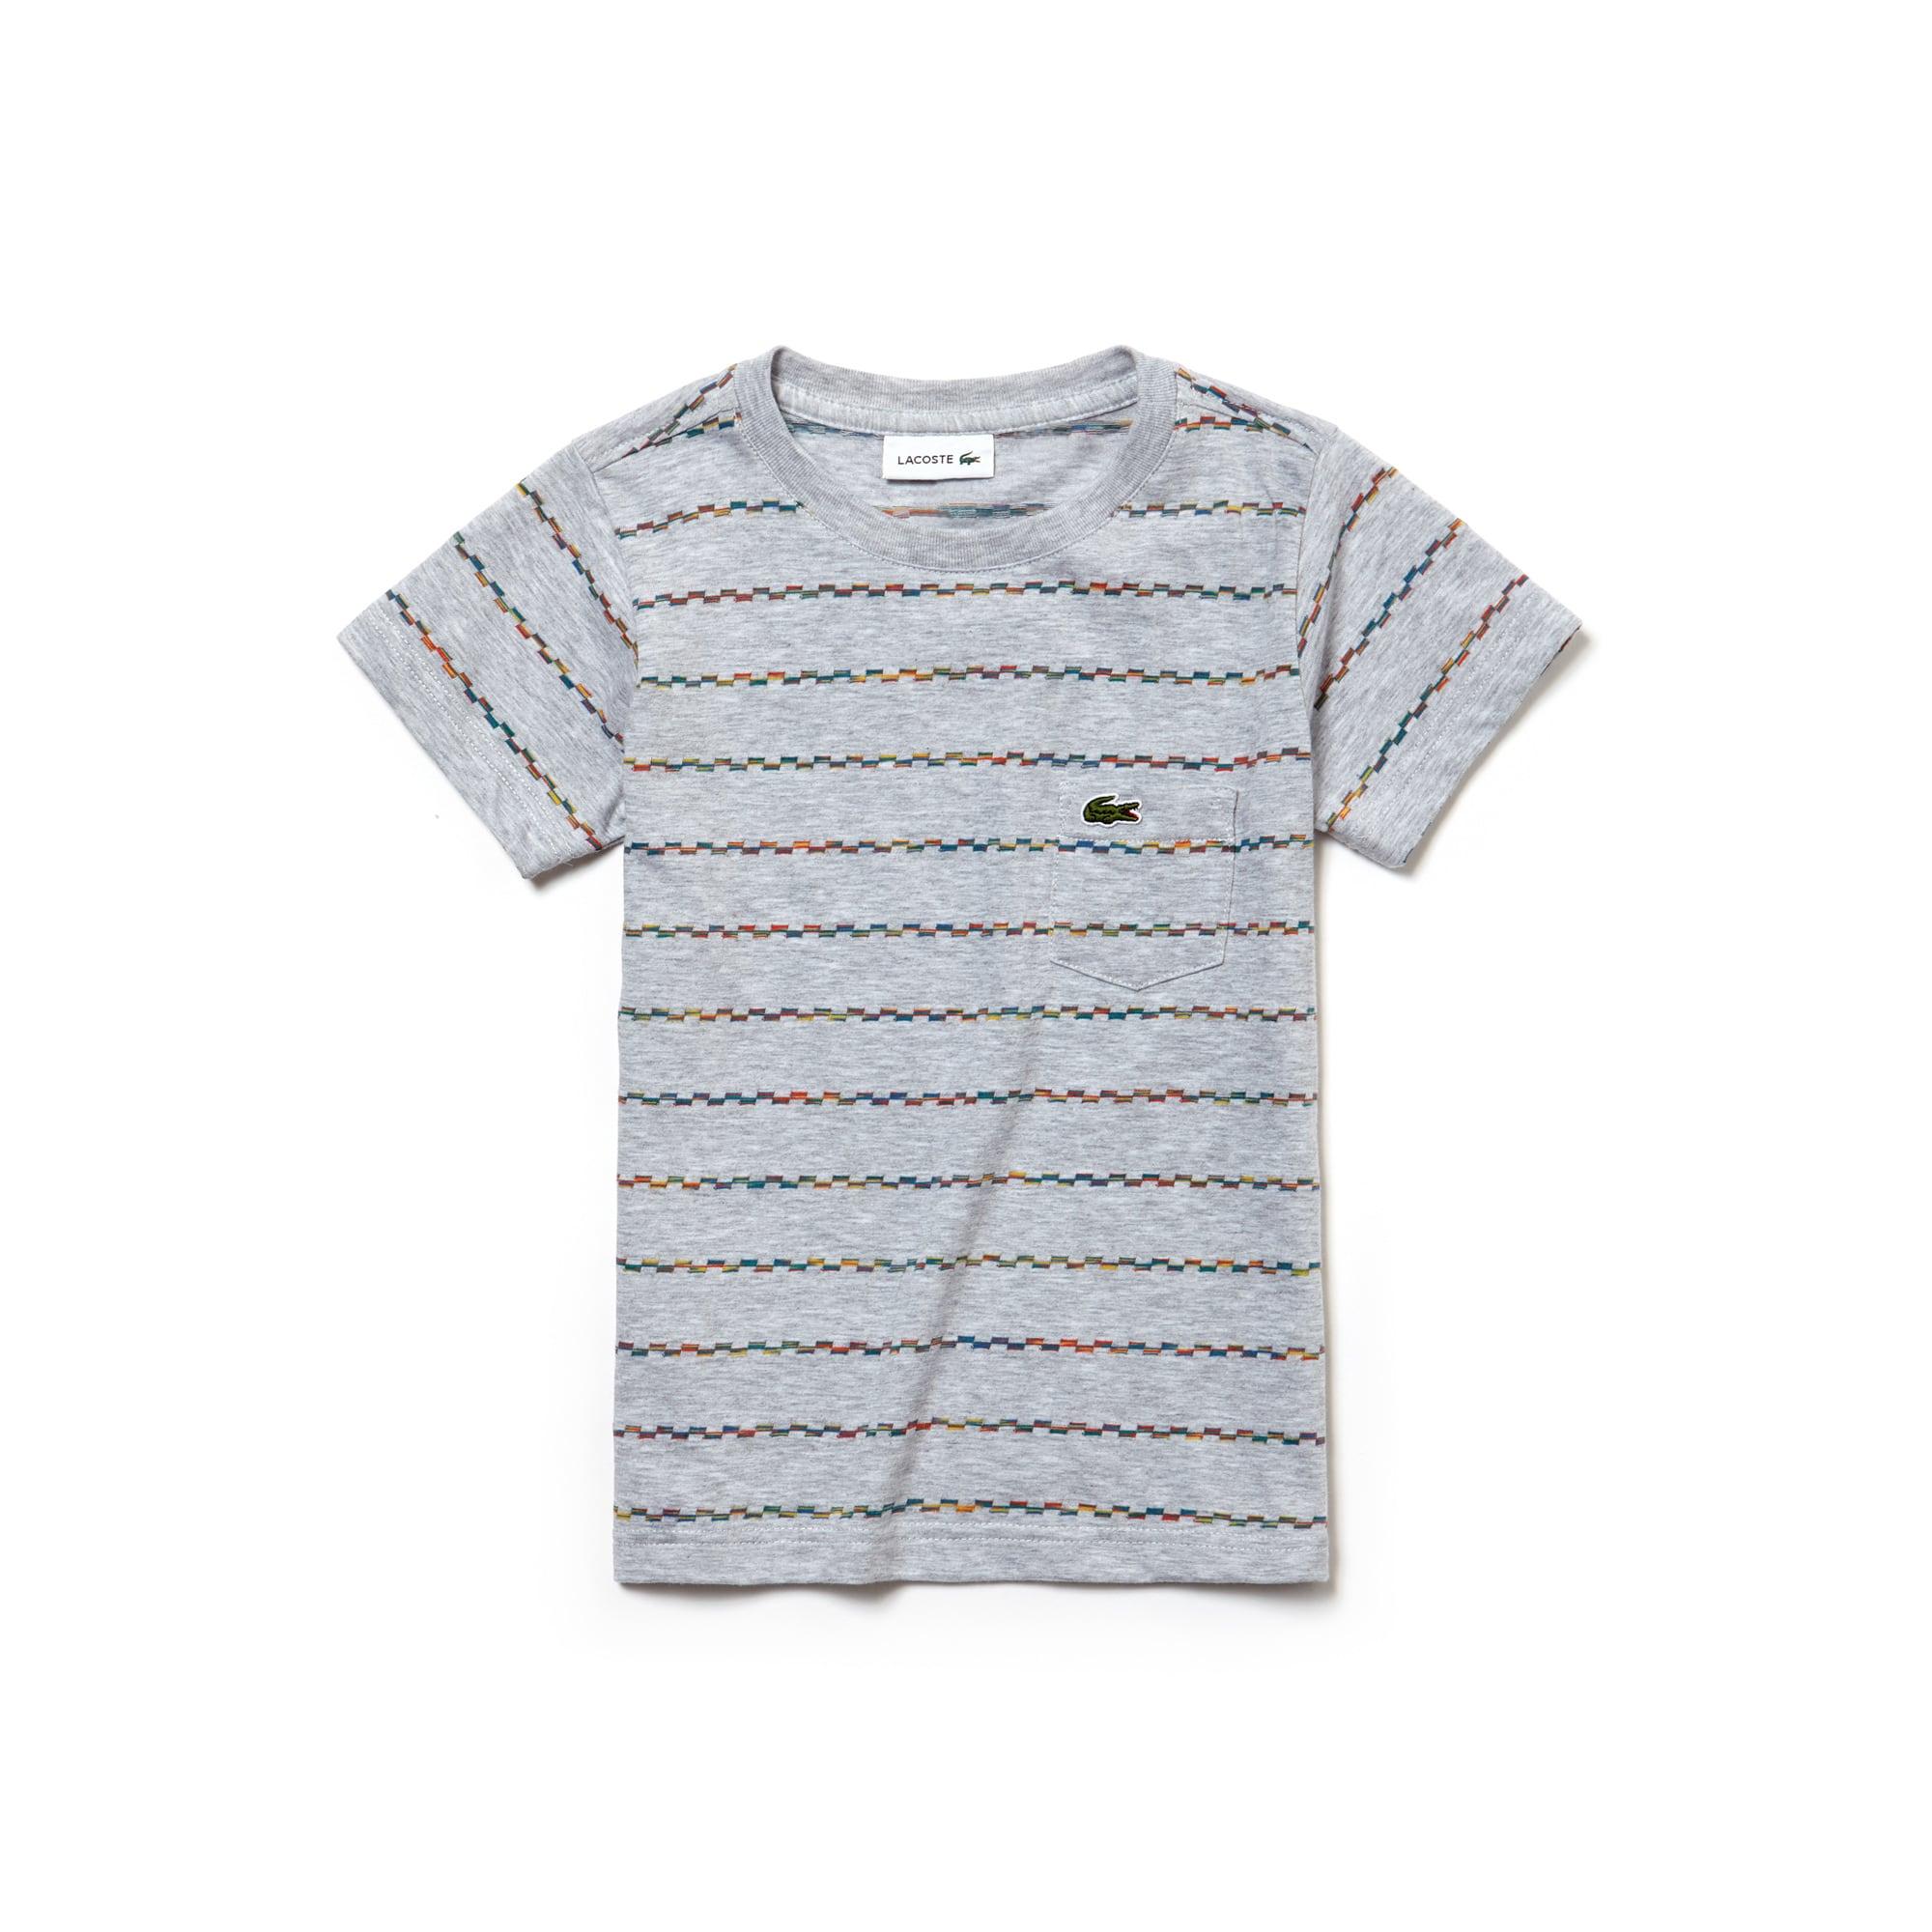 T-shirt Menino decote redondo em jersey jacquard às riscas multicolores